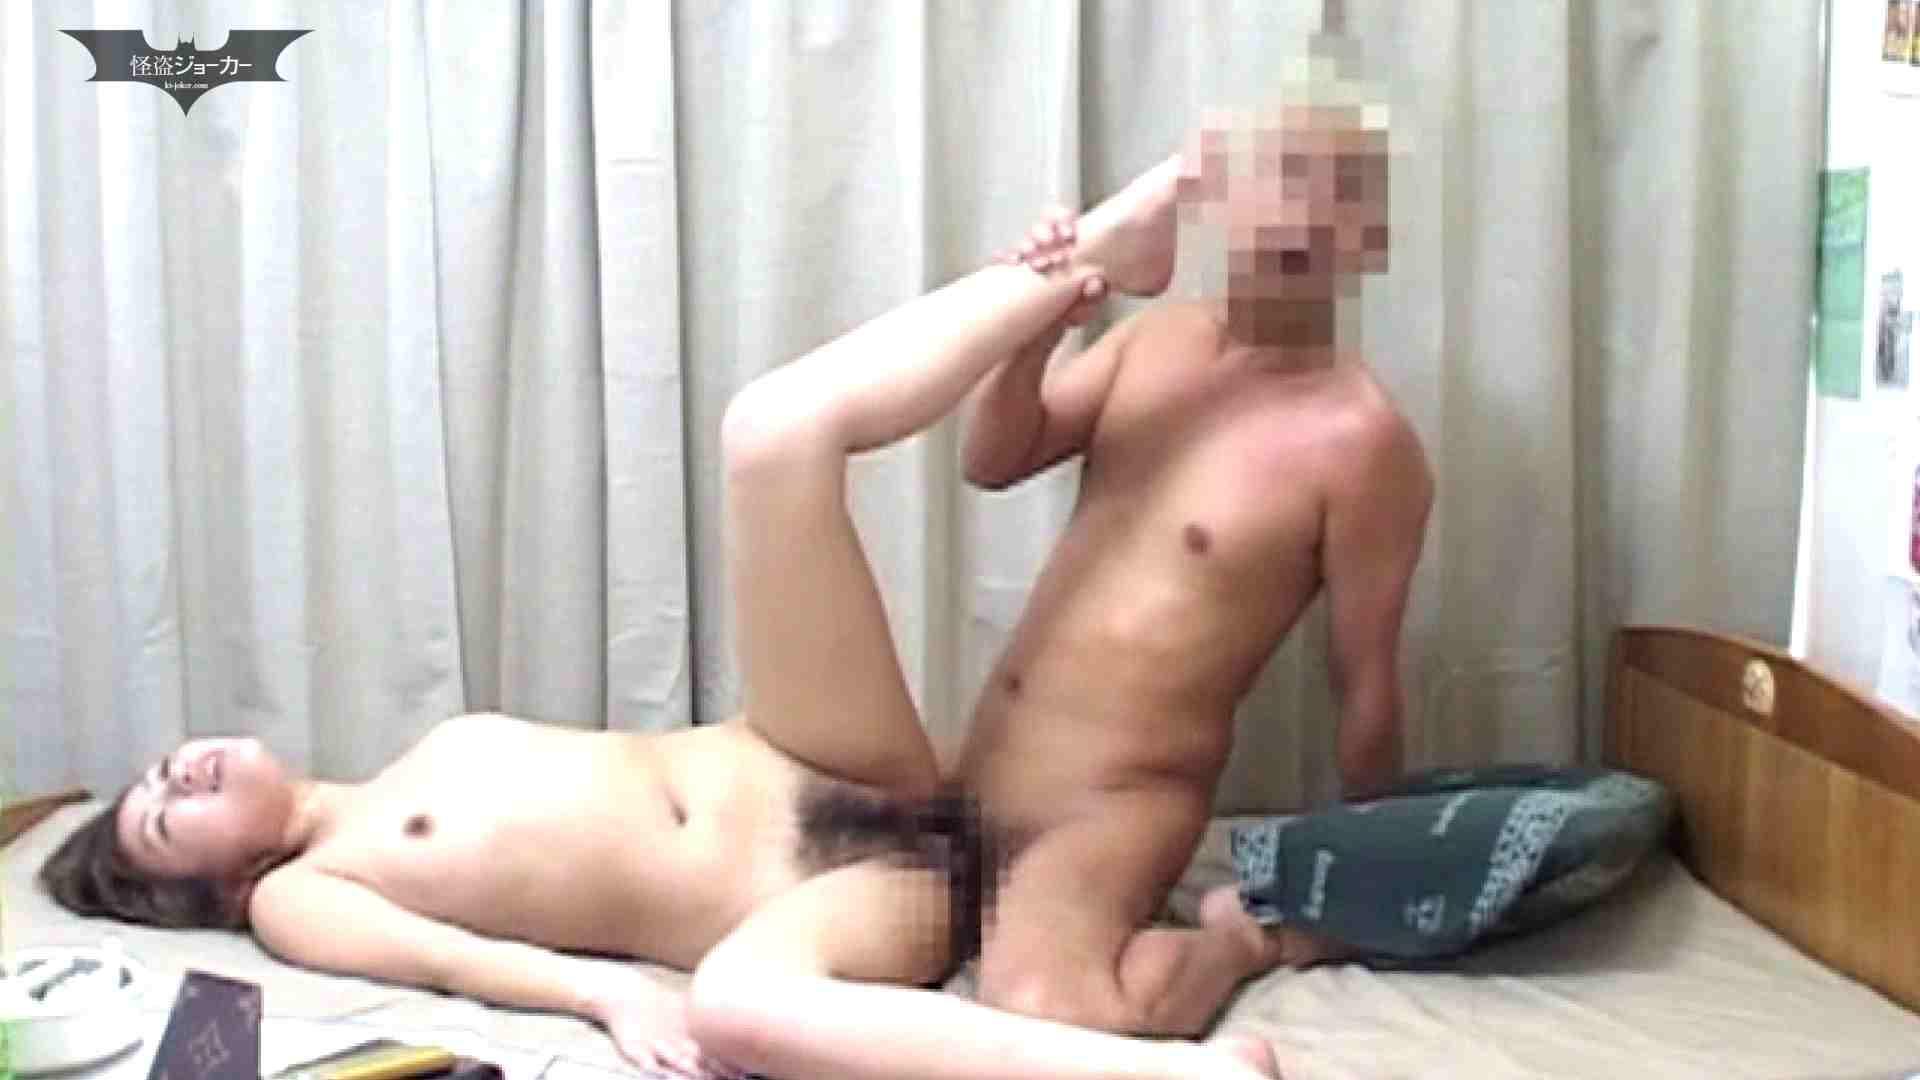 素人女良を部屋に連れ込み隠し撮りSEX!! その⑪ 潮吹き娘 りん 素人  58pic 50